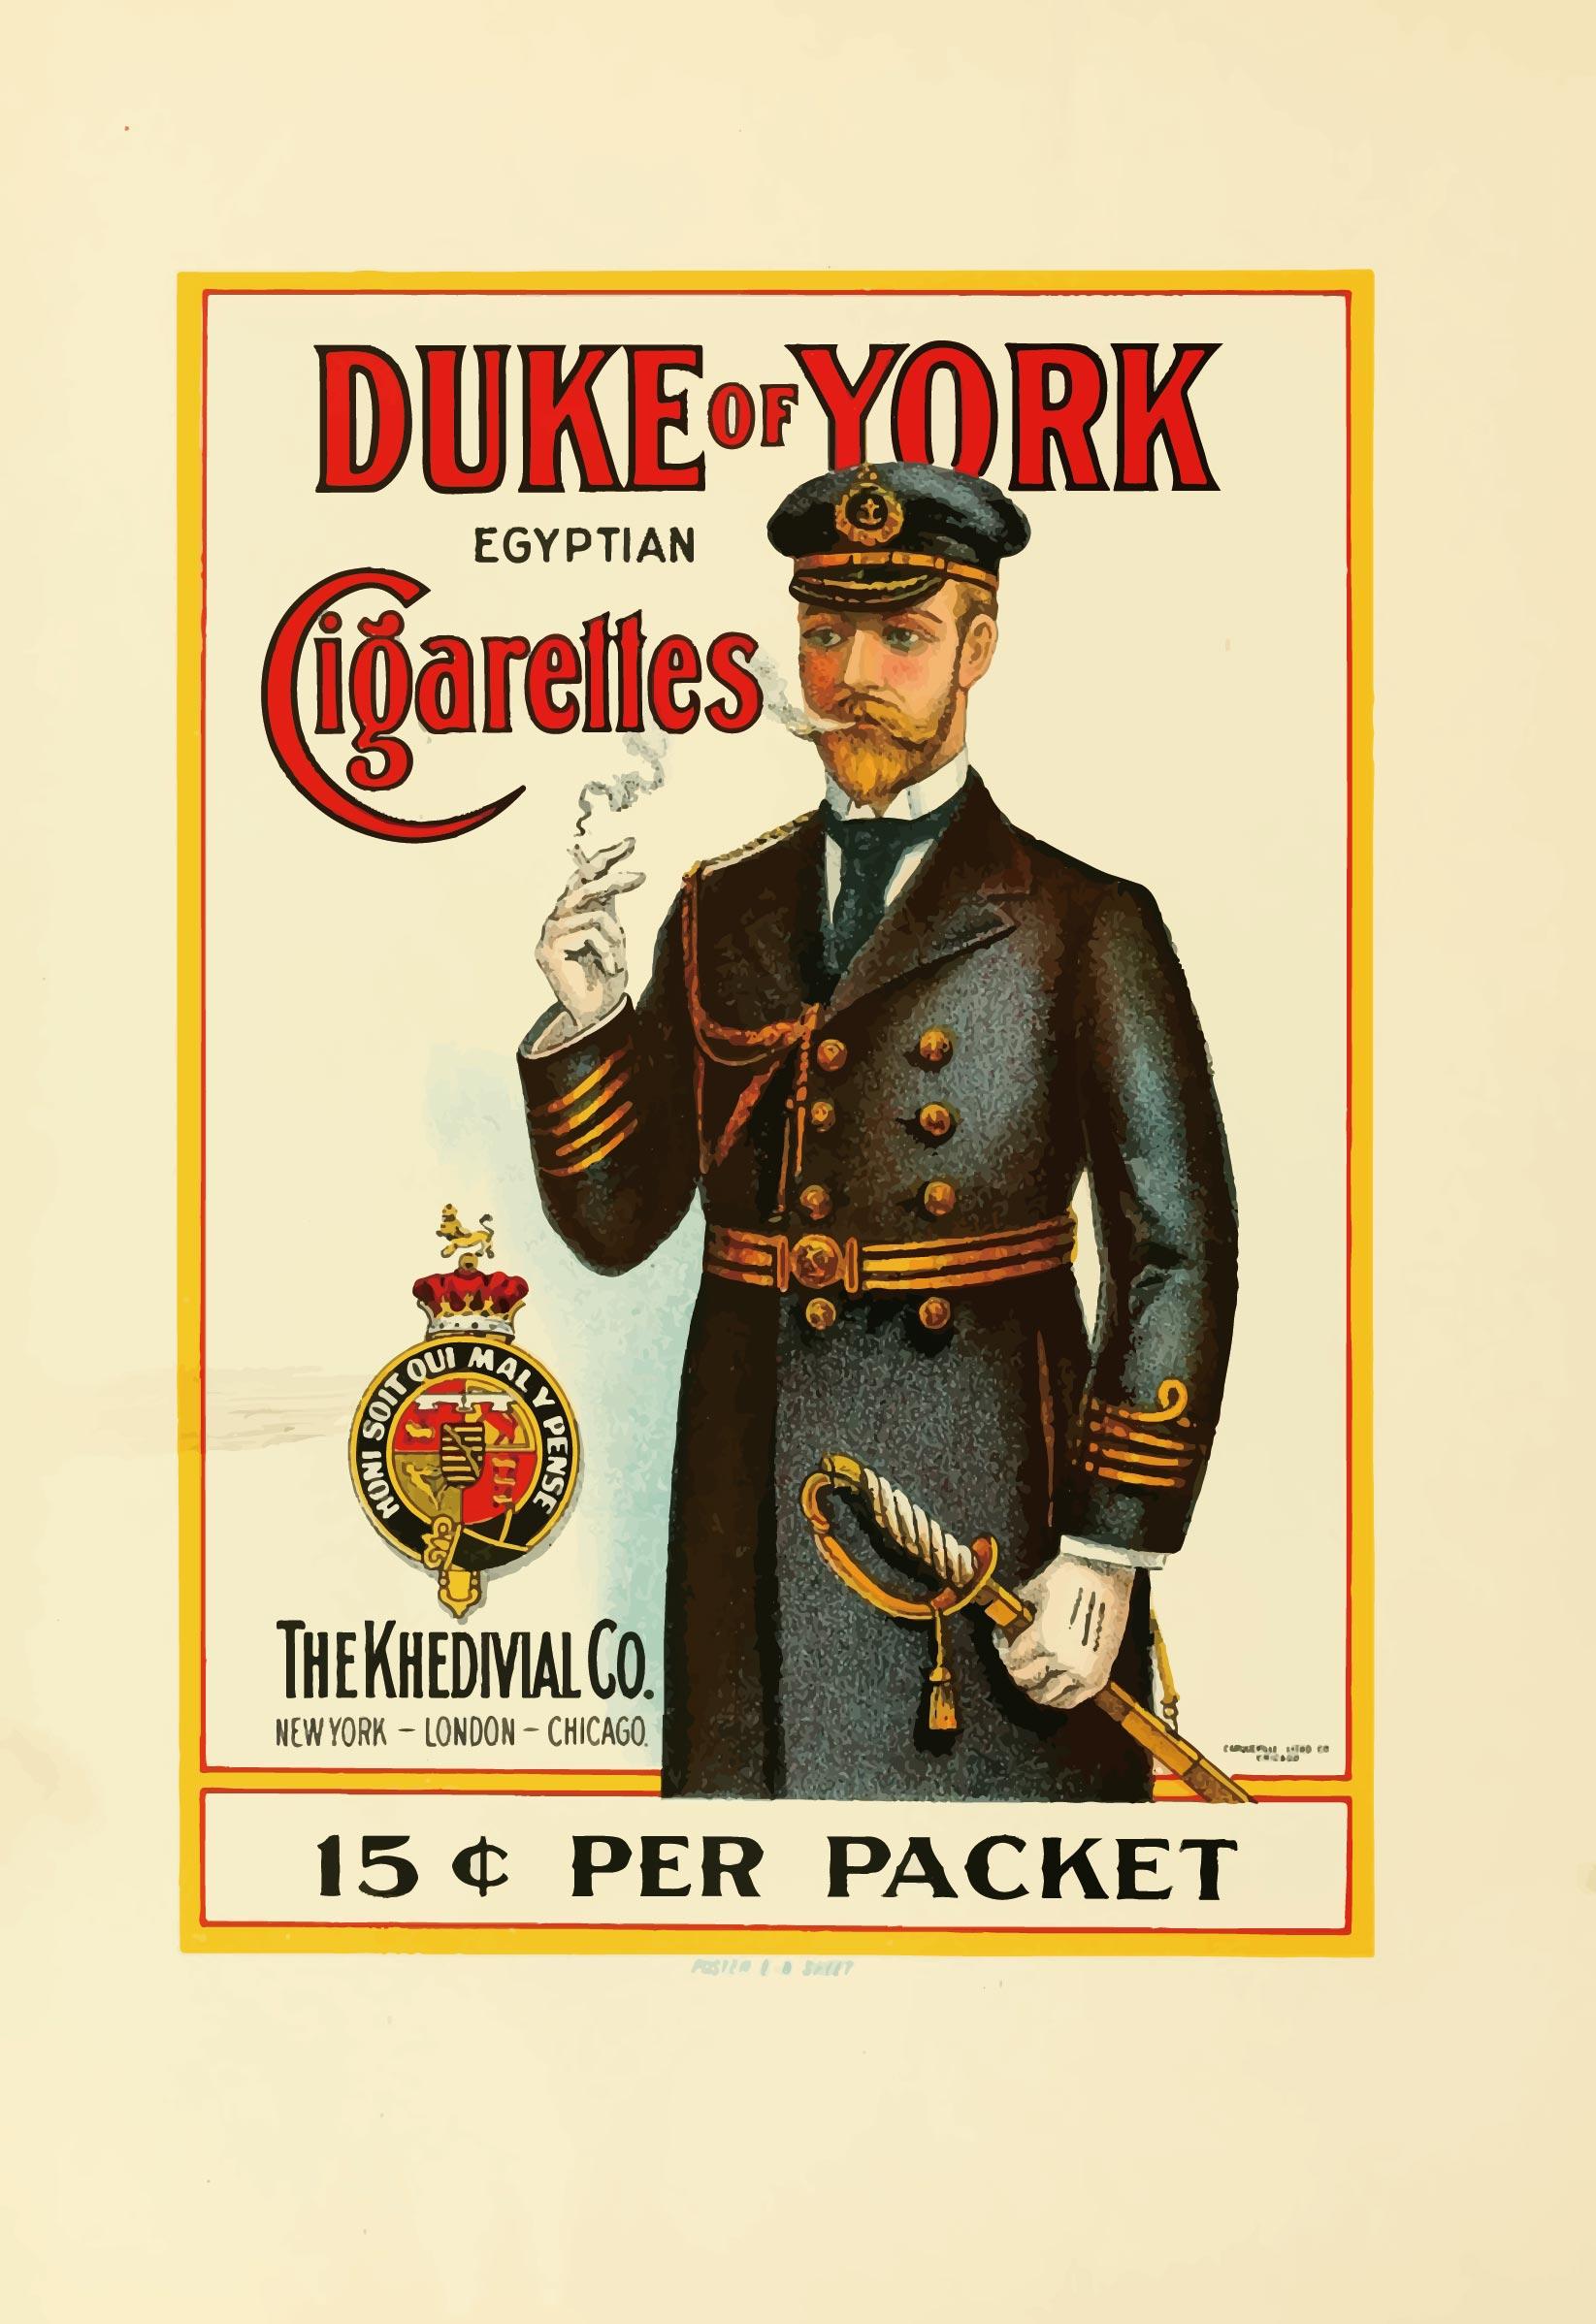 Duke of York 雪茄廣告 (A4海報)